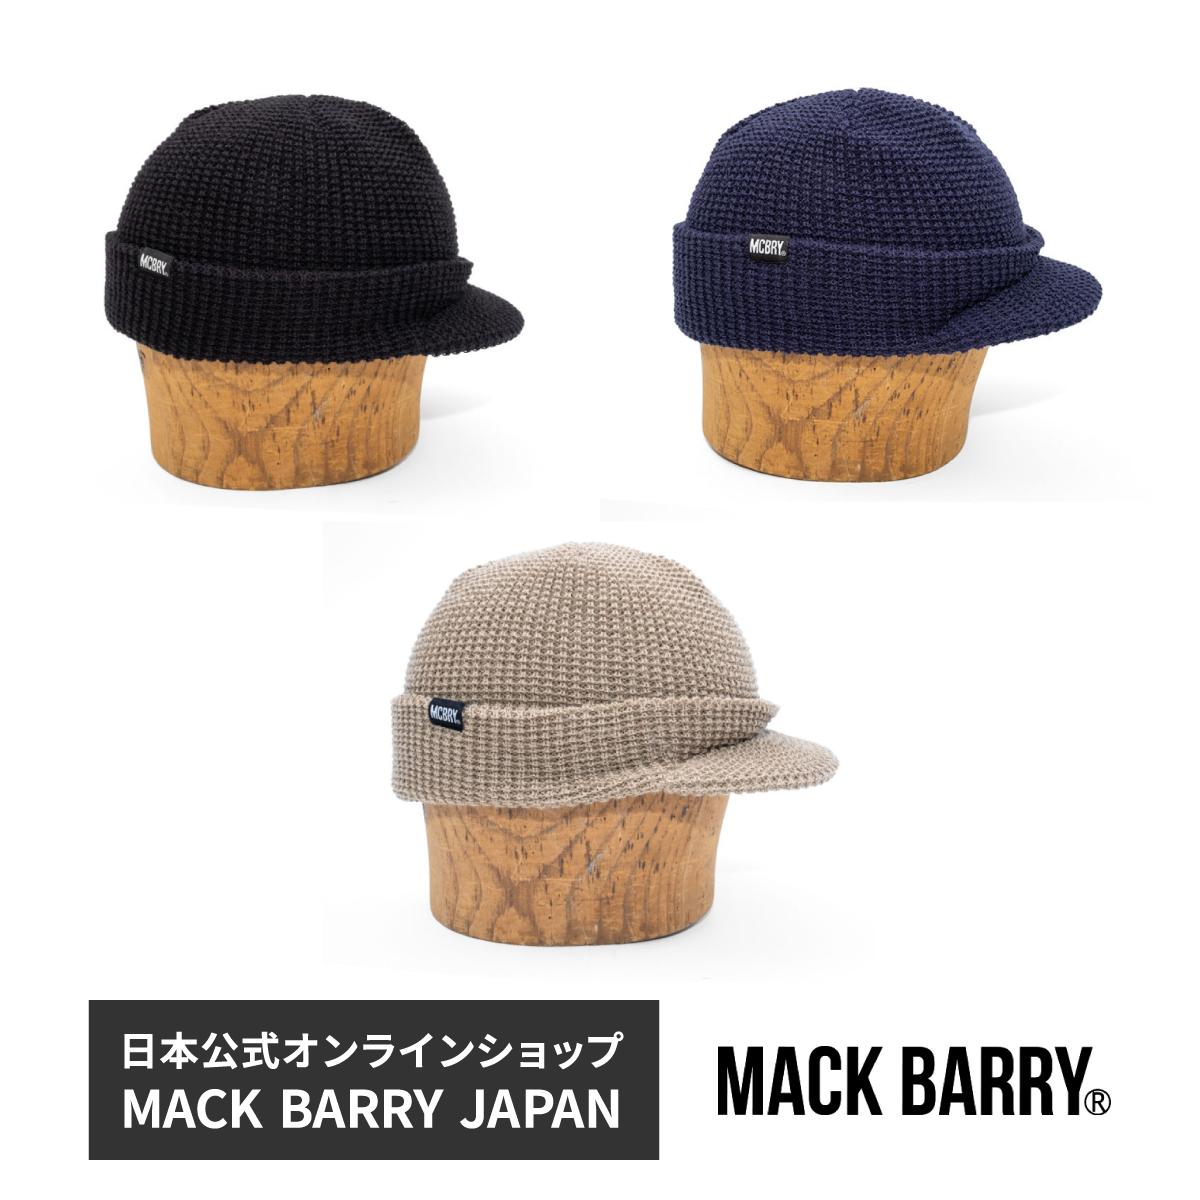 BTSをはじめ 韓国アーティストが多数着用する人気ヘッドウェアブランド MACK BARRY JAPAN の公式ショップ BTS着用ブランド 韓流アイドル着用で話題のキャップブランド M VISOR CAP BEANIE カーキ lady's 祝開店大放出セール開催中 カジュアル 毎日激安特売で 営業中です レディース キャップ ニット帽 ブラック マクバリー 国内正規品 men's ストリート